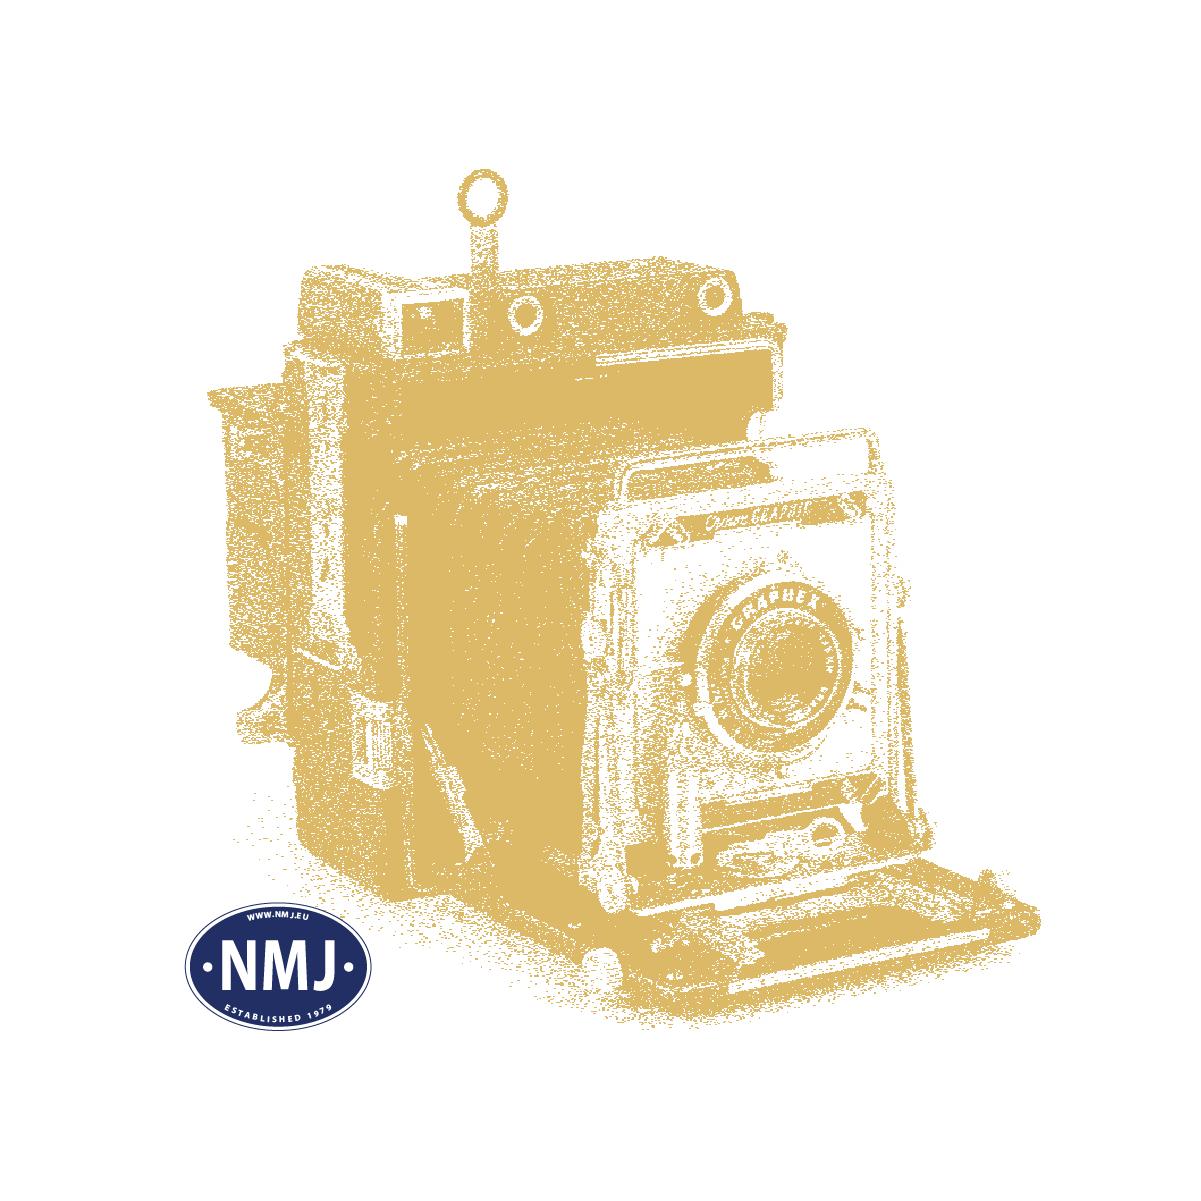 NMJT106.201 - NMJ Topline NSB B3K.25659, Intermediate red/silver livery